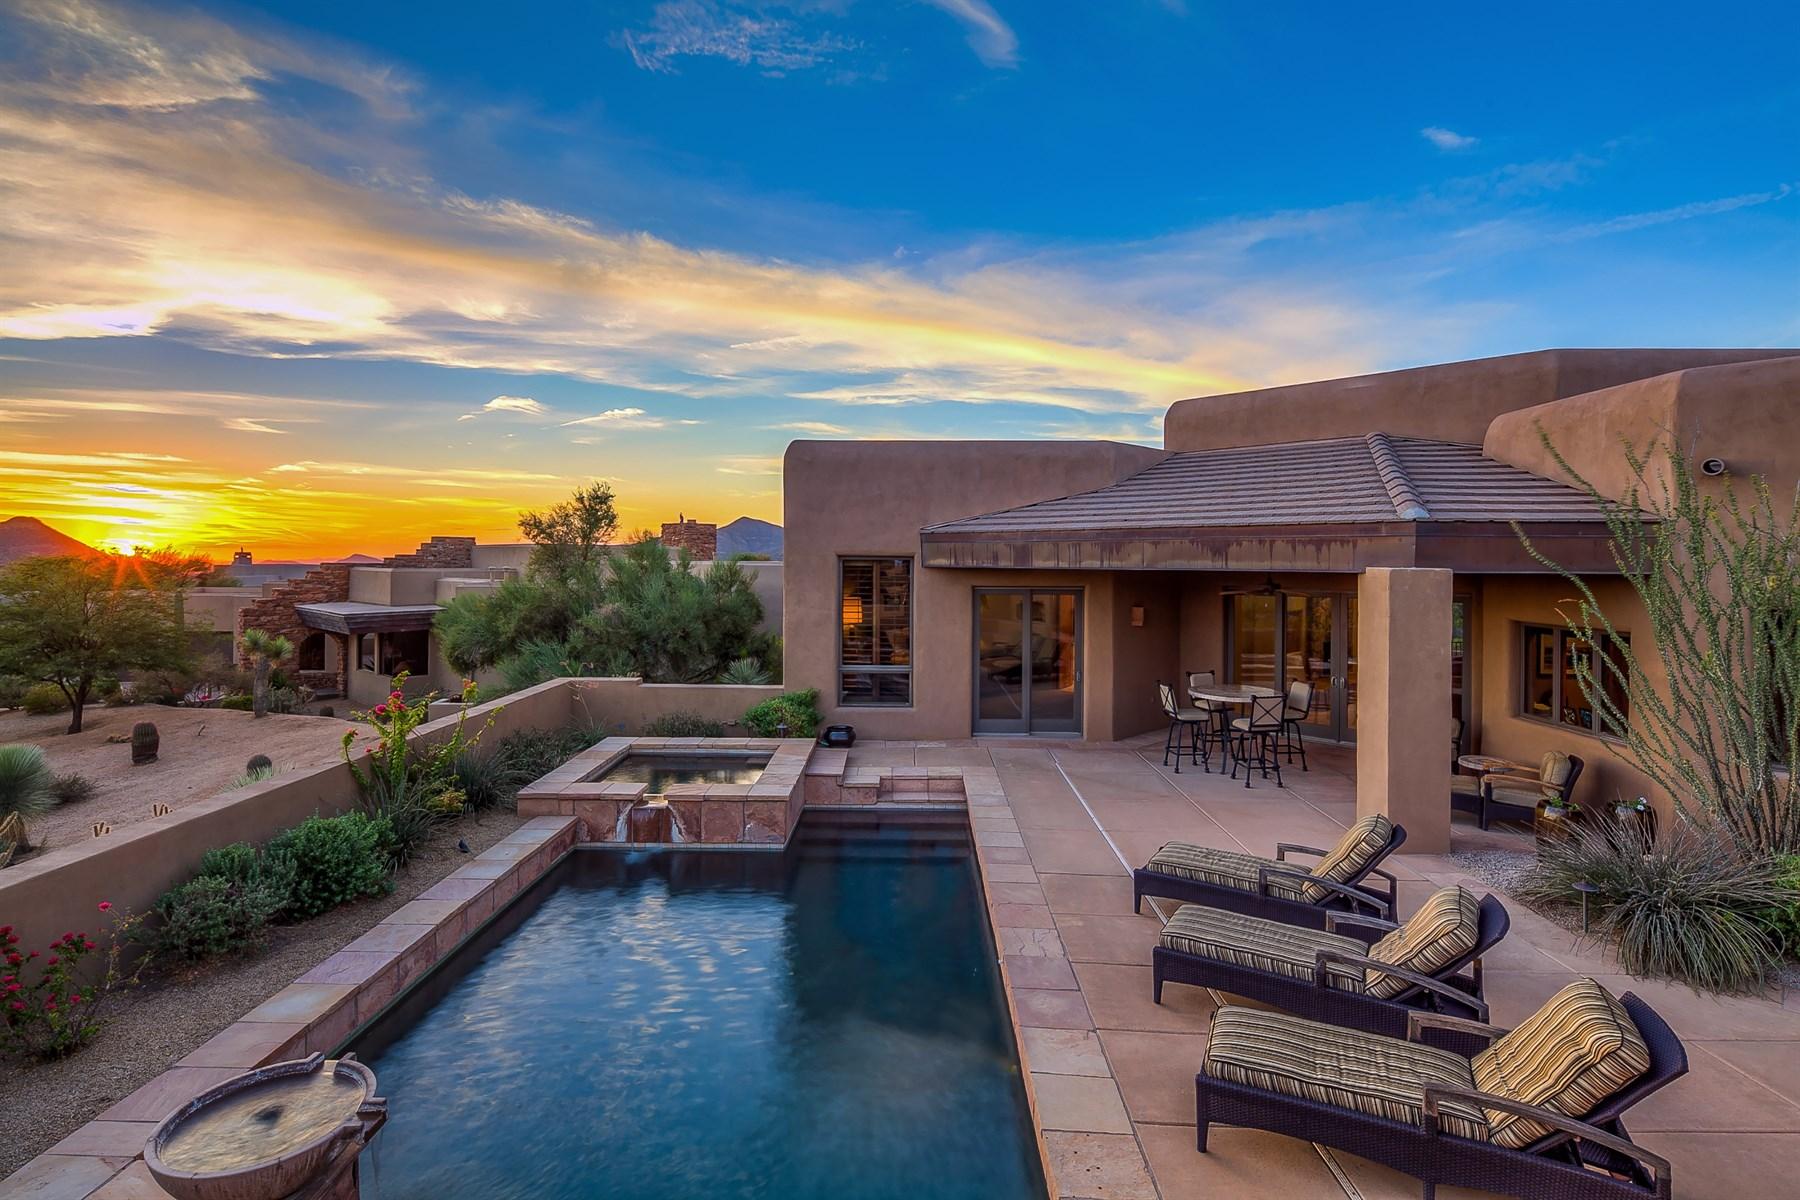 Частный односемейный дом для того Продажа на Three bedroom Southwest contemporary 39838 N 107th PL Scottsdale, Аризона, 85262 Соединенные Штаты